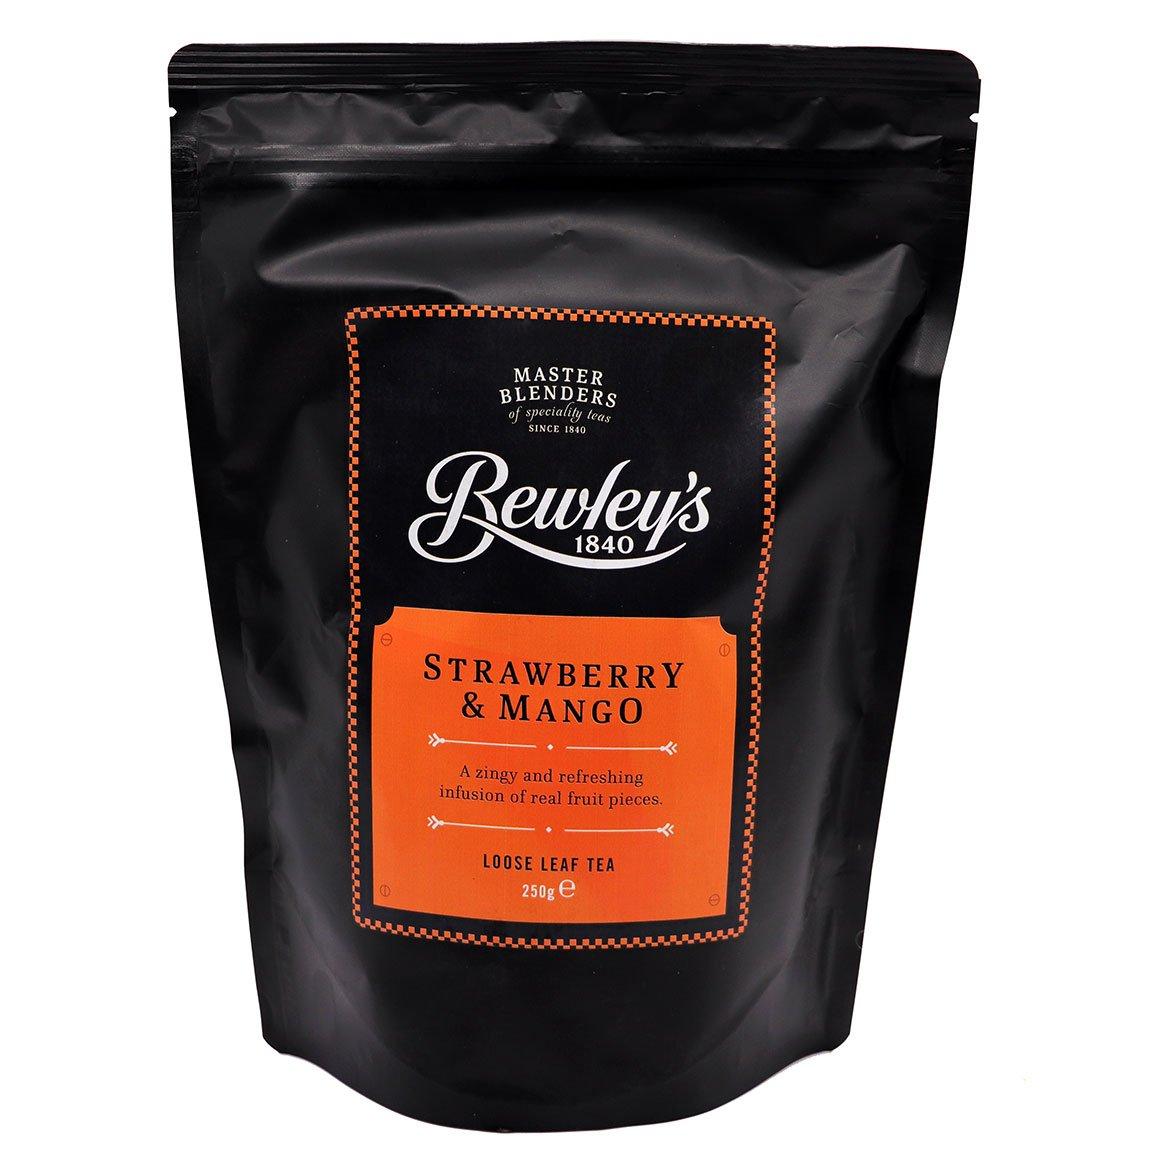 Bewley's Strawberry & Mango Loose Leaf Tea